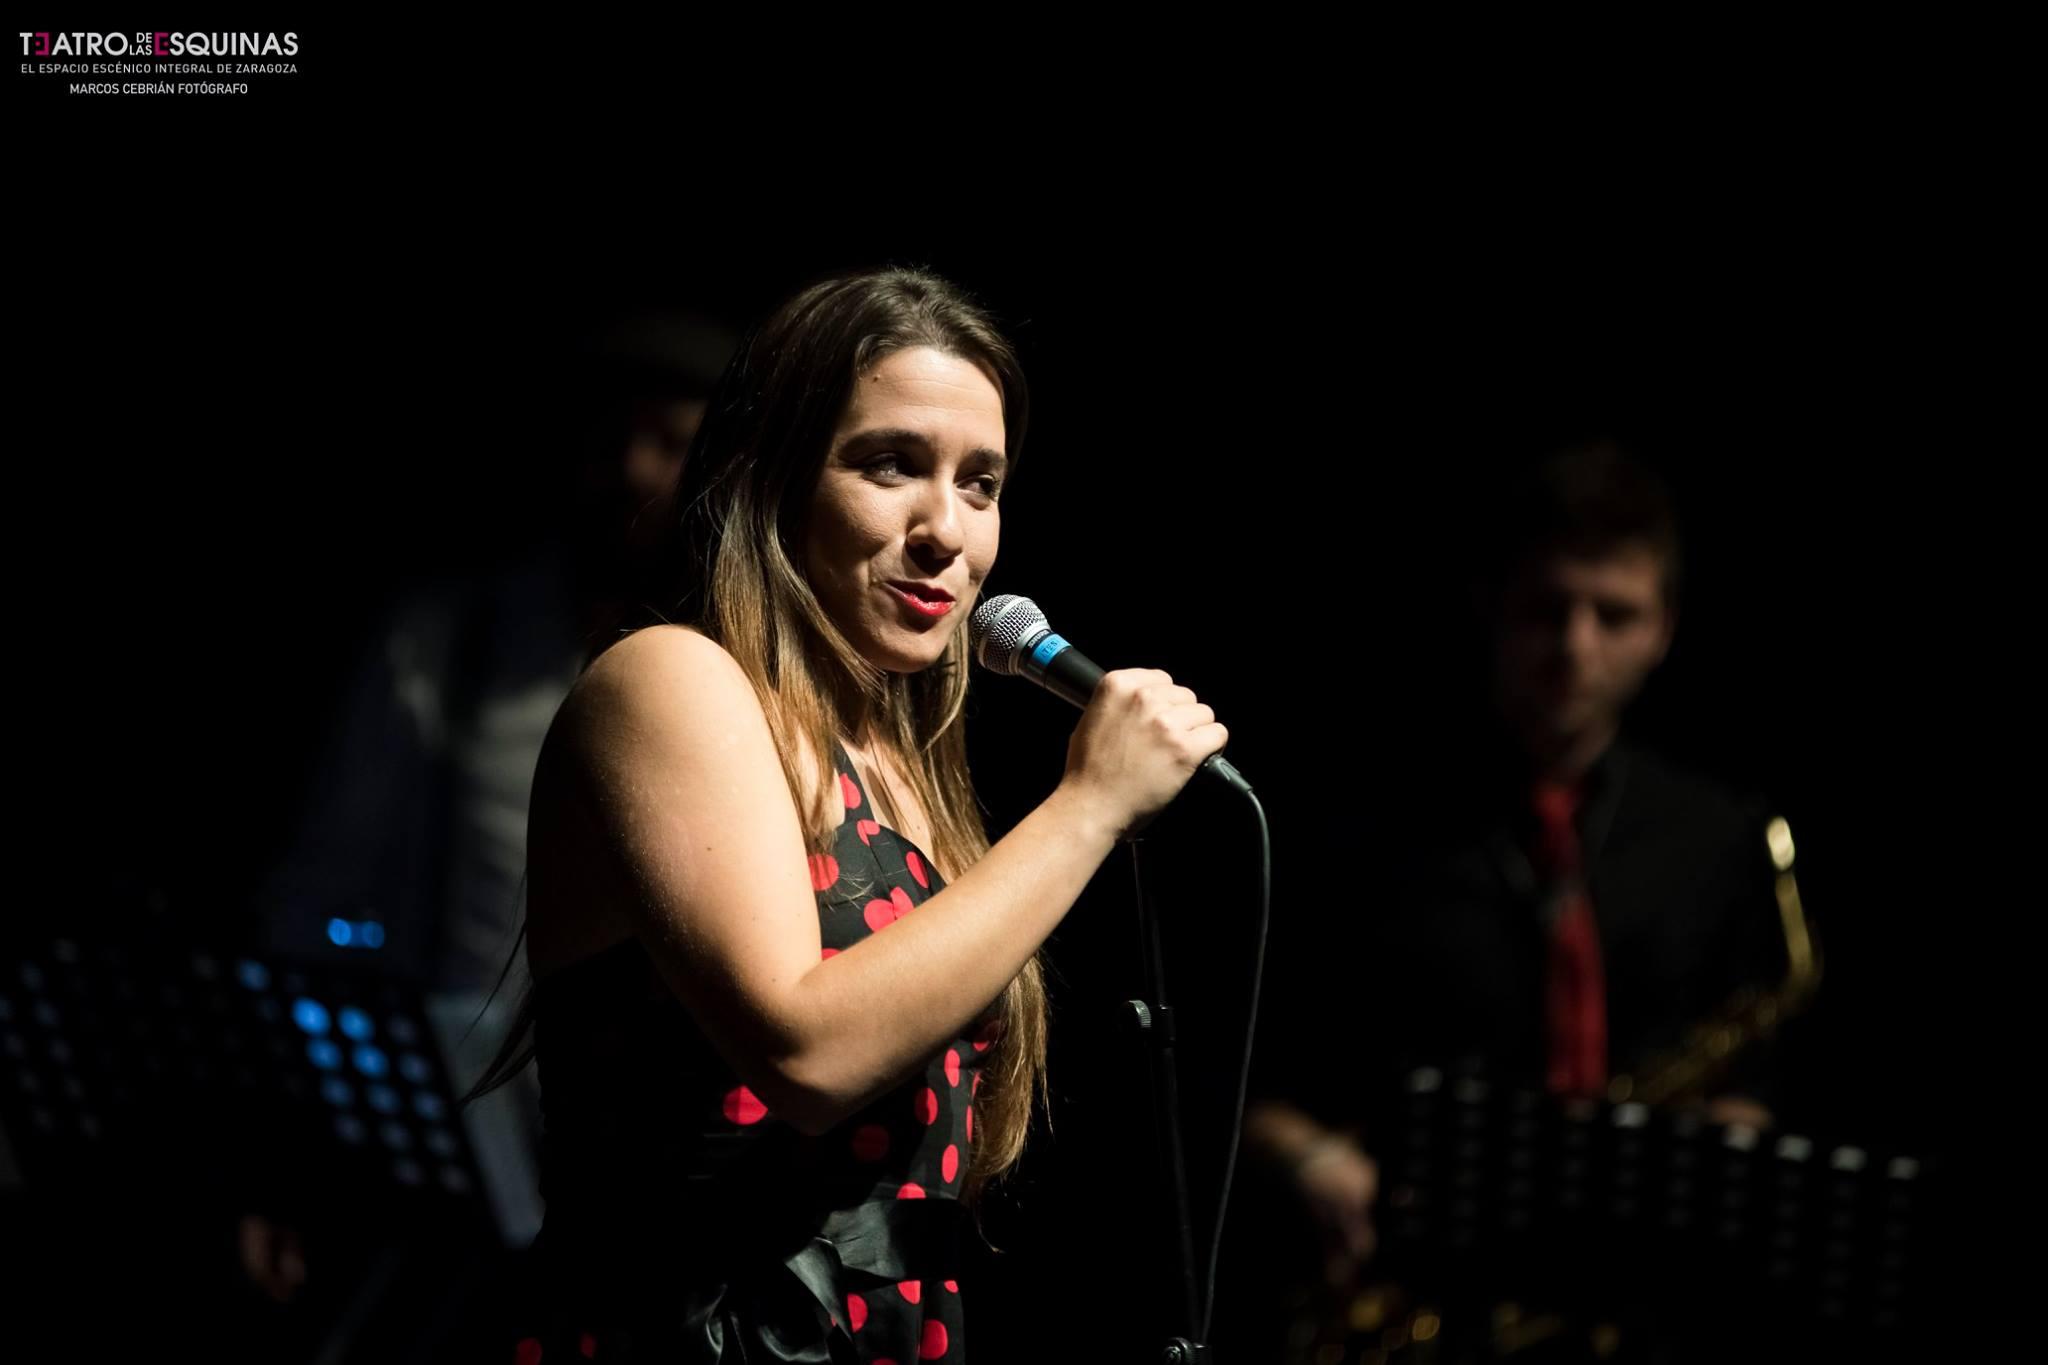 Viki Lafuente Teatro Esquinas-directo